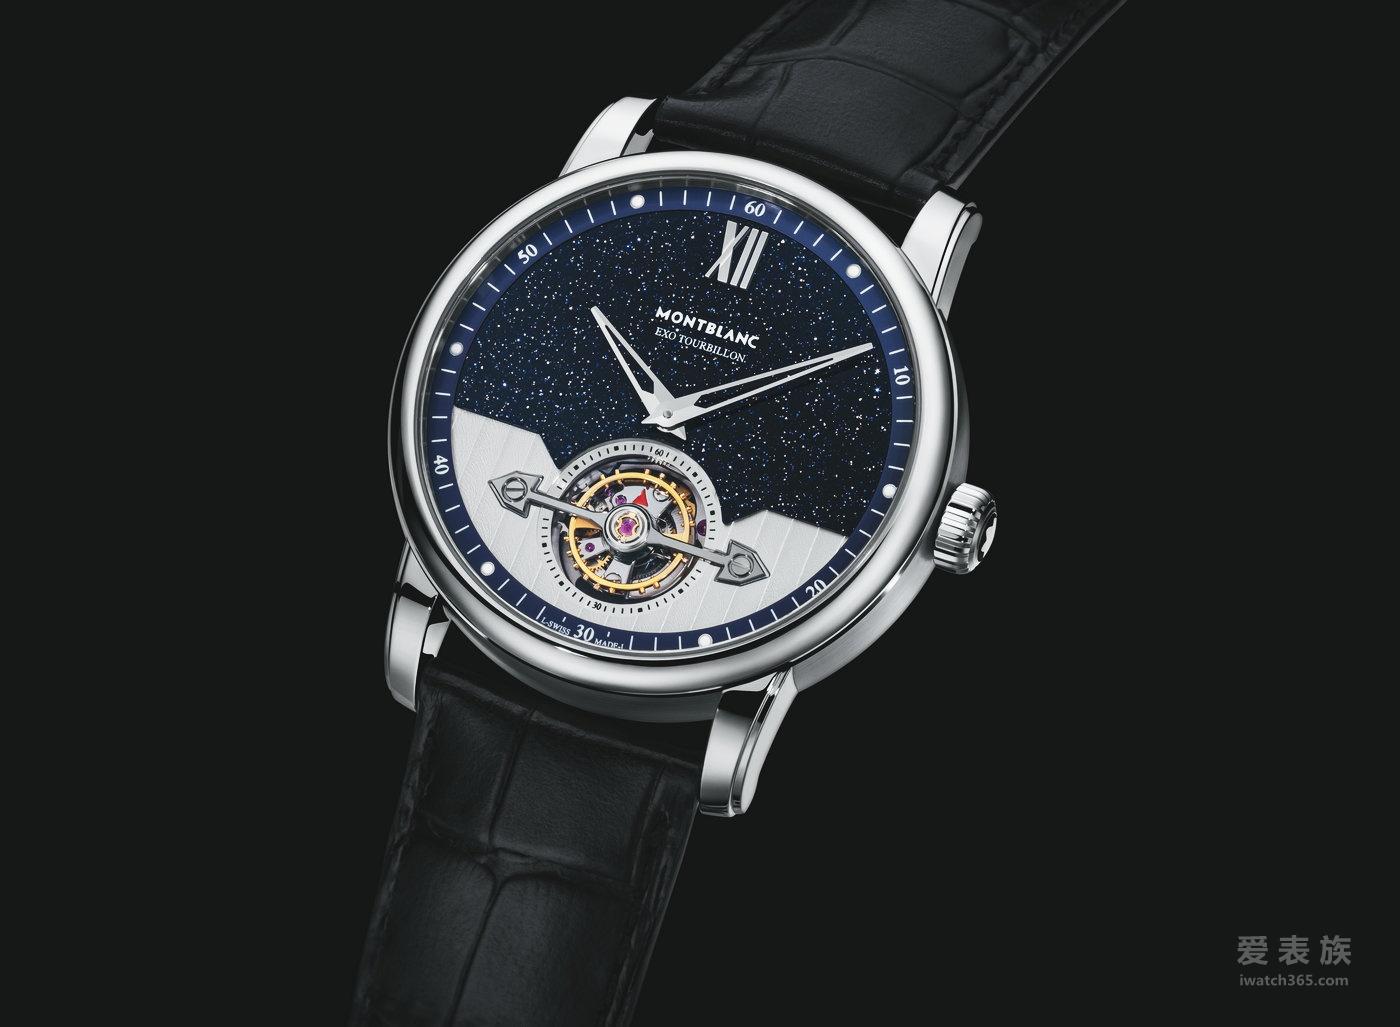 优雅经典 非凡呈现 全新万宝龙4810系列外置框架陀飞轮超薄腕表及两地时腕表